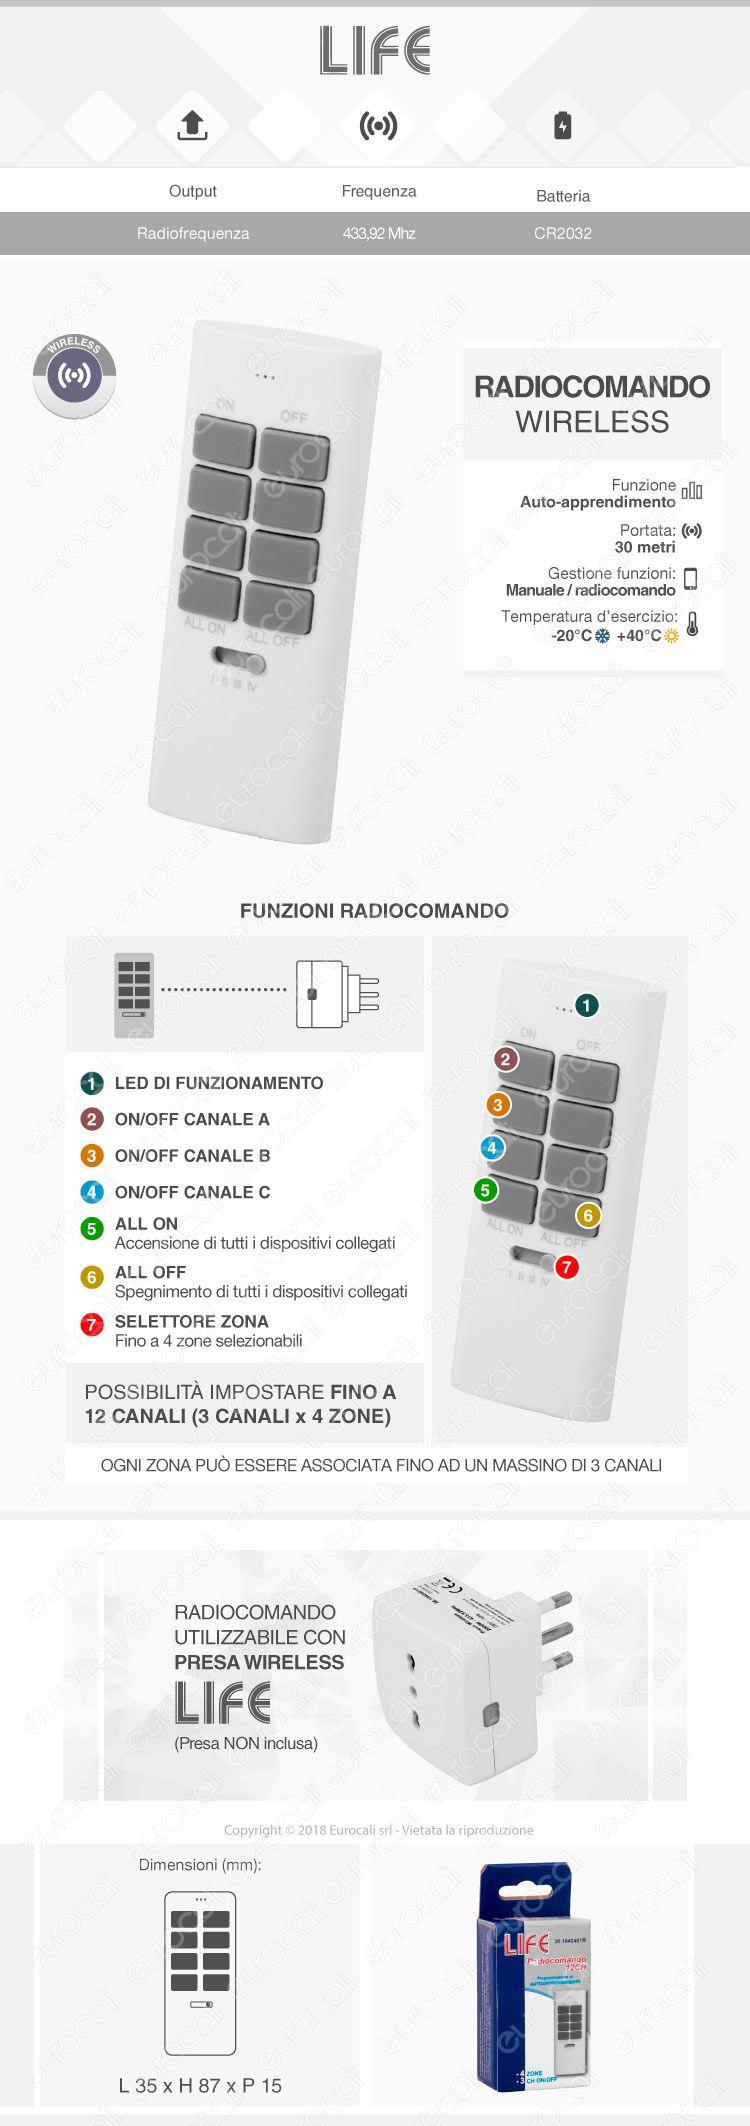 Life Radiocomando con 12 Canali Memorizzabili per Presa Wireless Bivalente